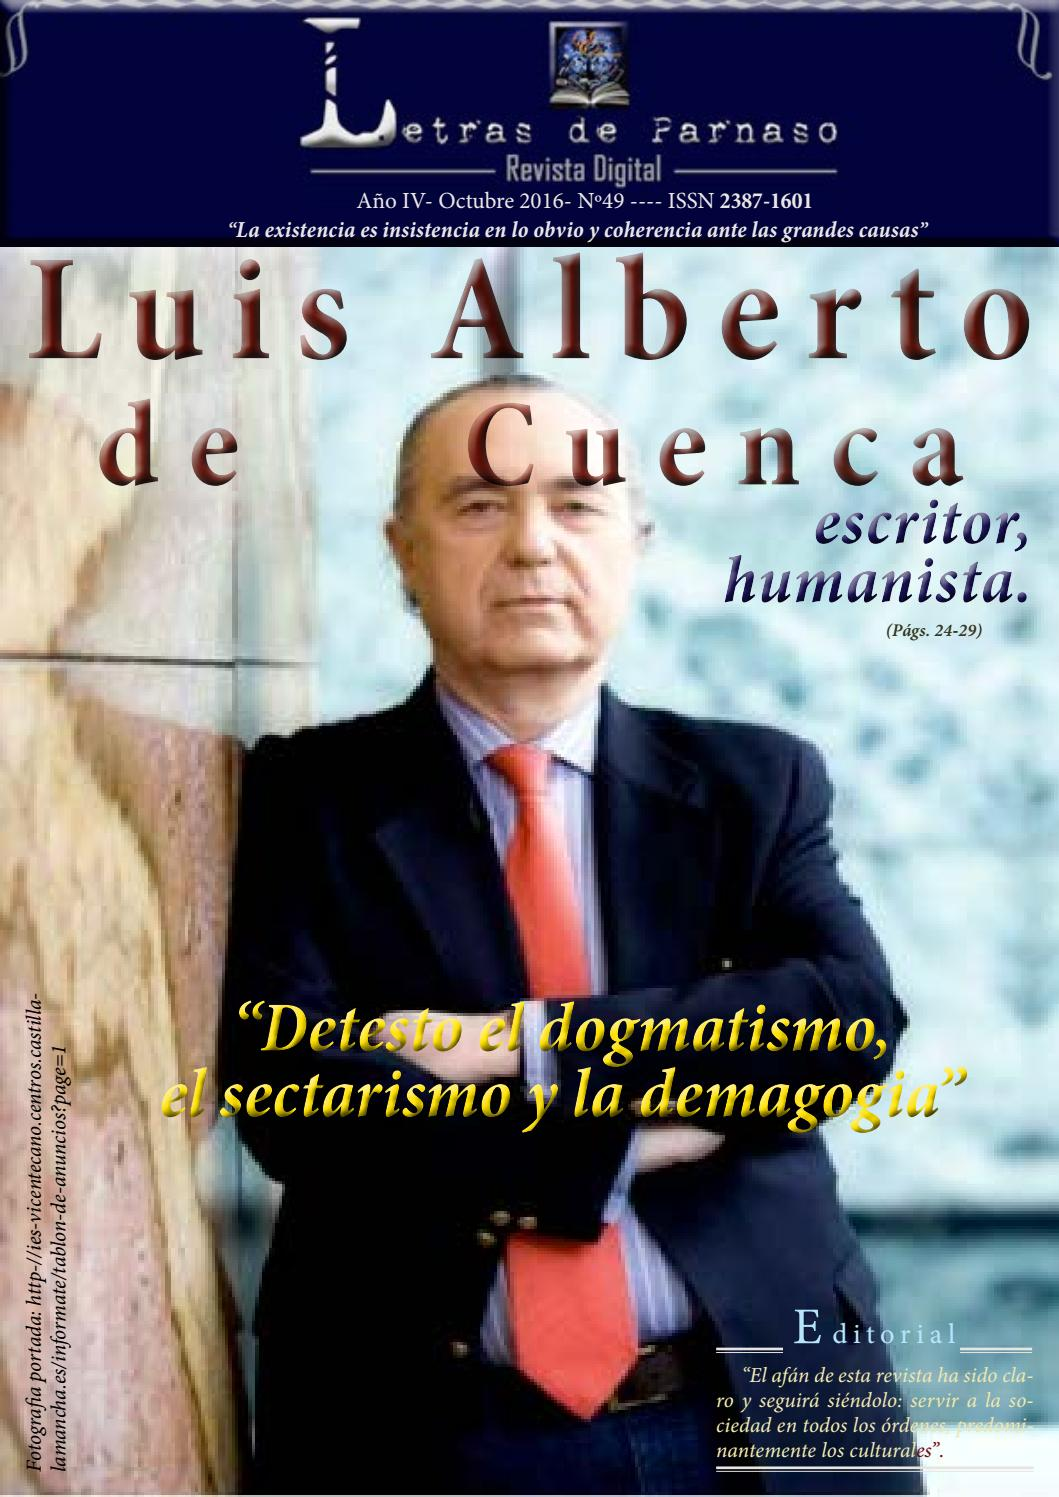 Edicion49 by Juan Antonio Pellicer - issuu a74bca09ee6